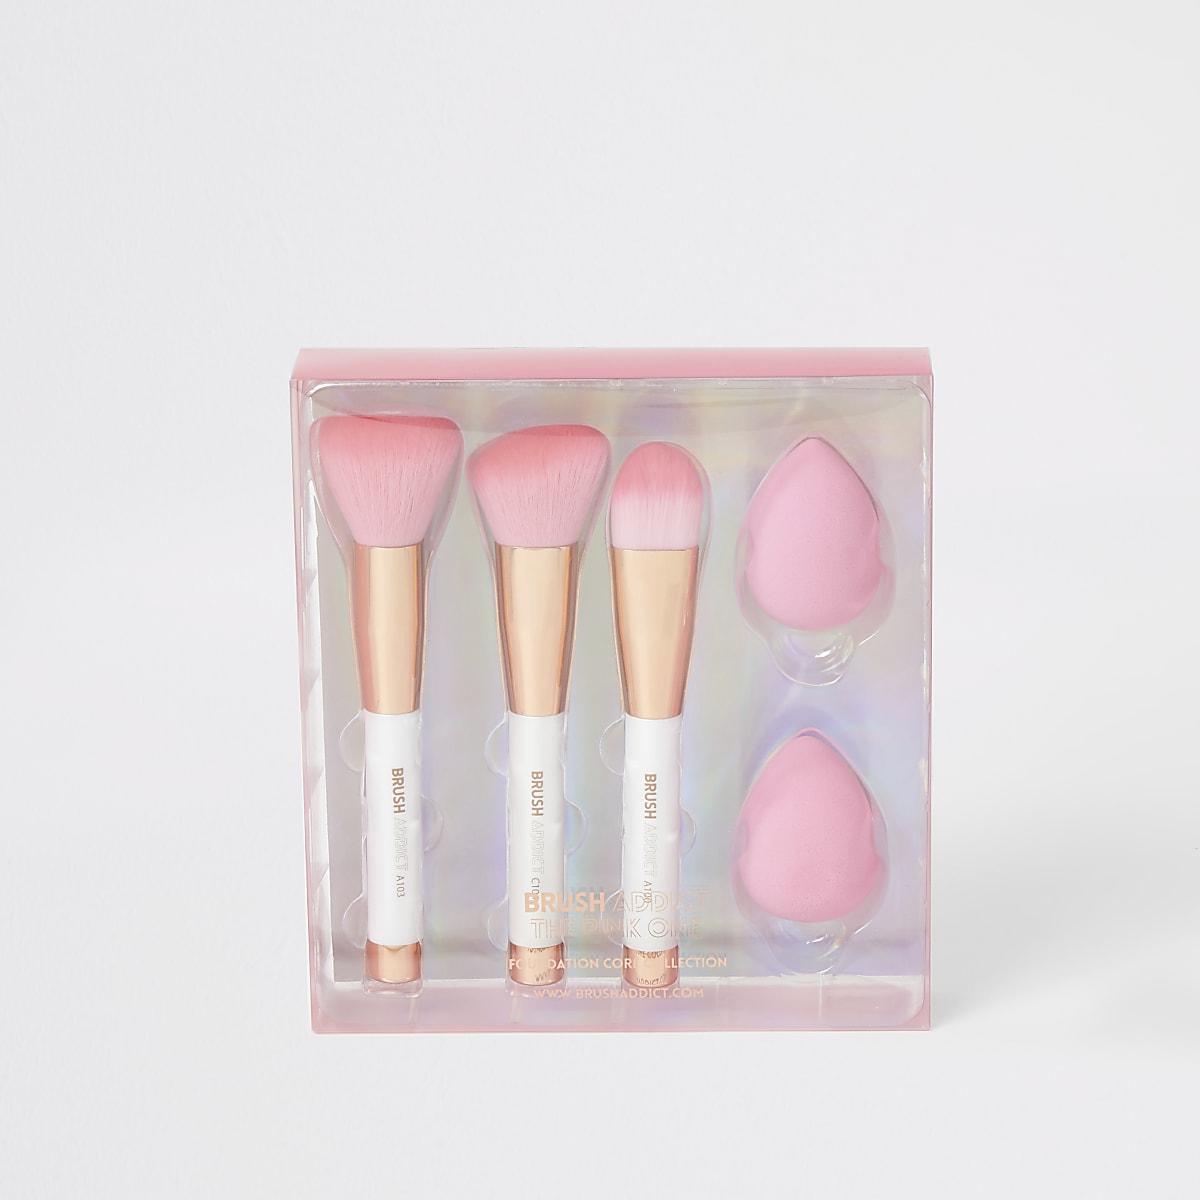 Brush Addict foundation brush set